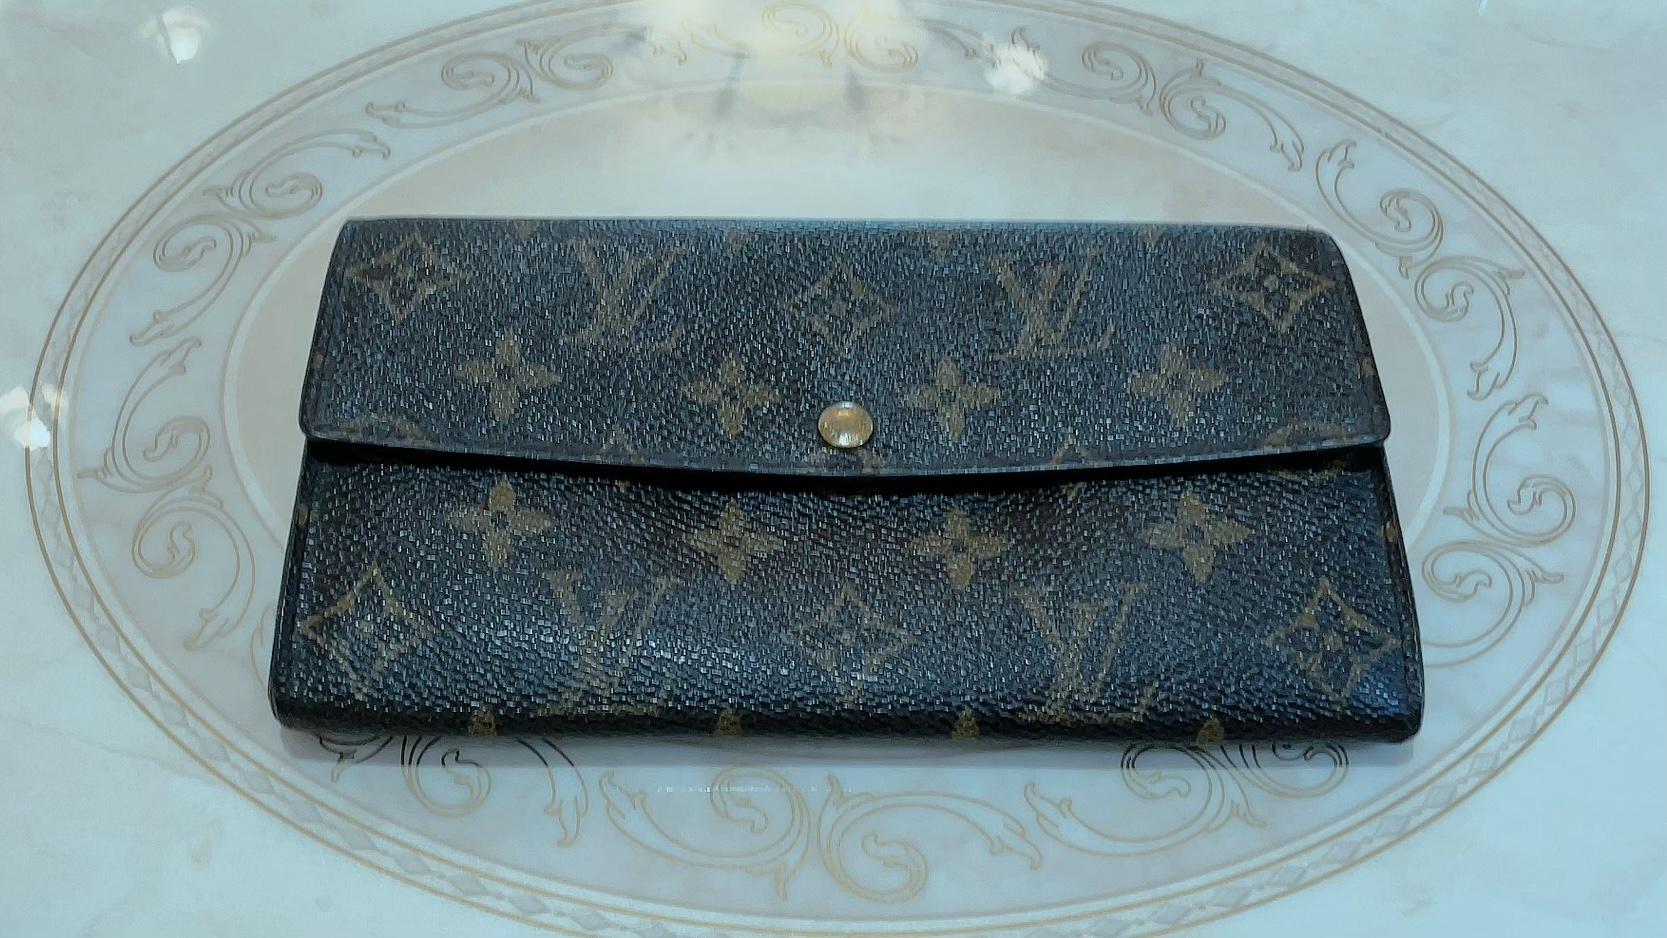 【買取速報】ブランド財布、LOUIS VUITTON-2021-09-04